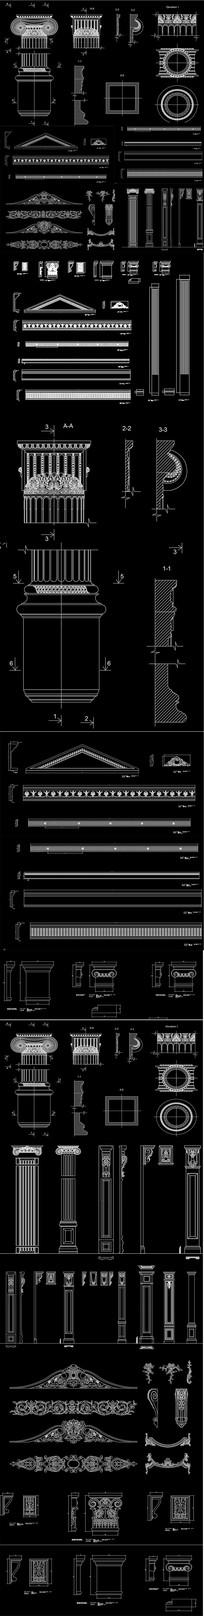 罗马柱构件CAD图纸